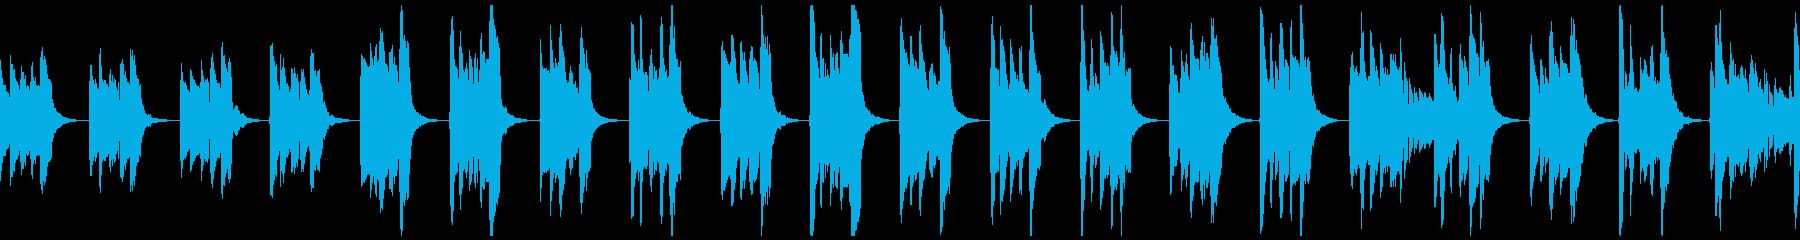 【ループ】中世風のギター:太古の森6の再生済みの波形